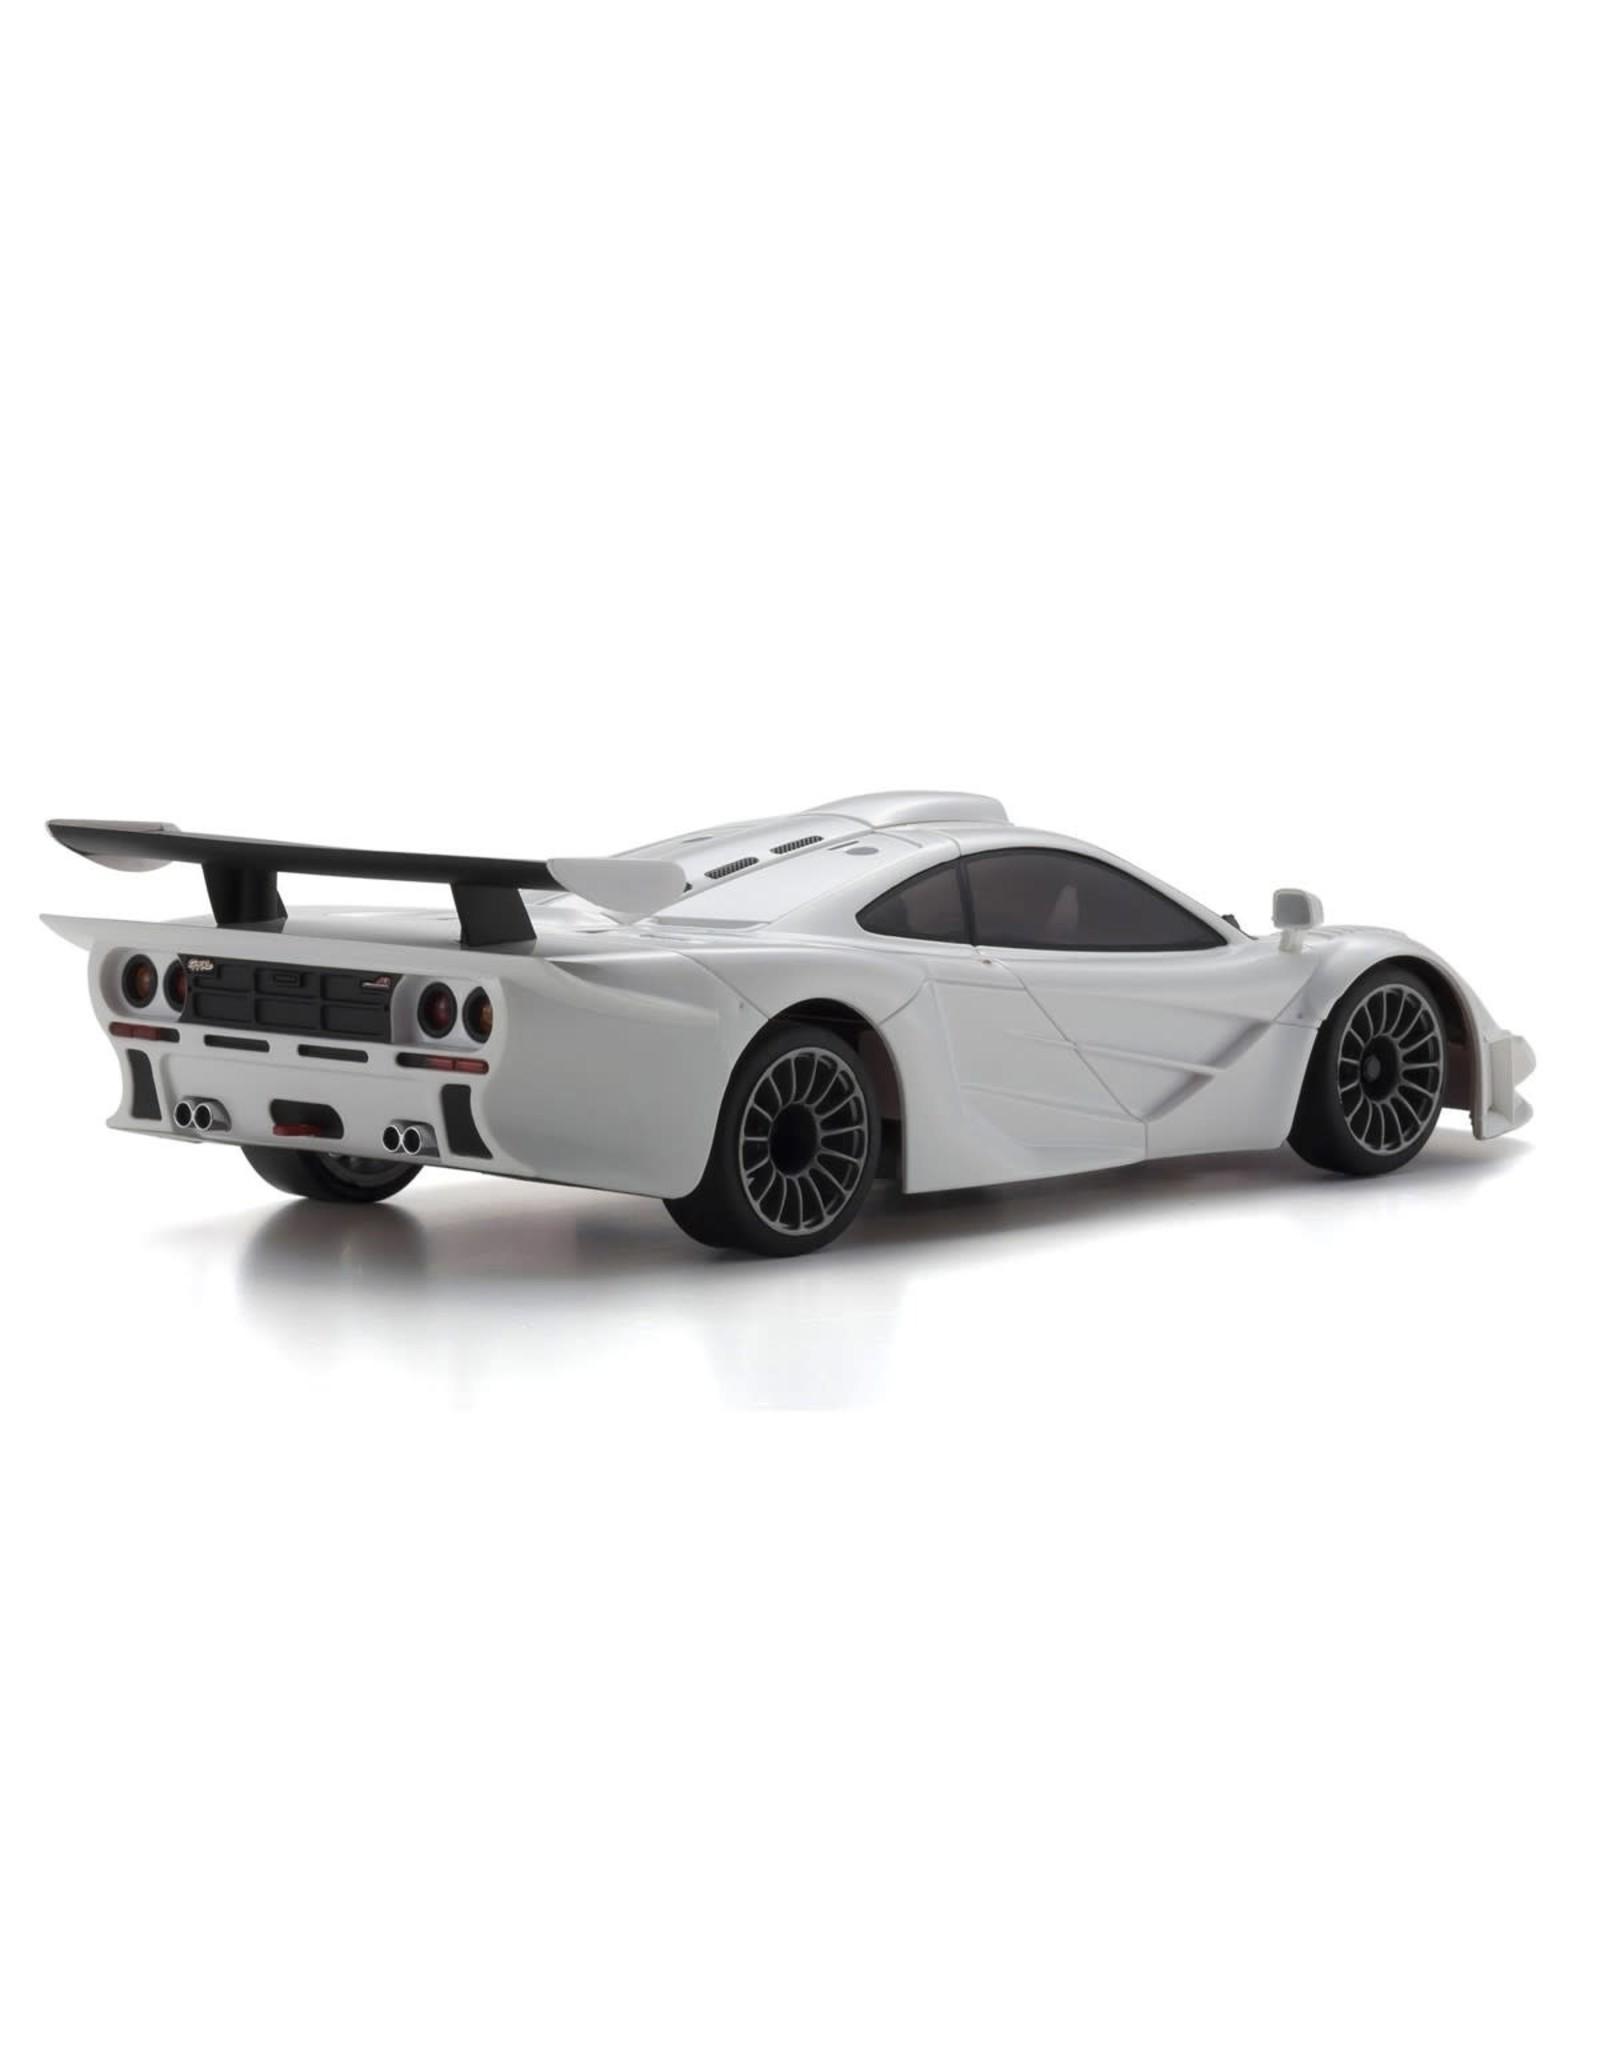 Kyosho MINI-Z RWD McLaren F1 GTR White MINI-Z RWD MR-03 RS